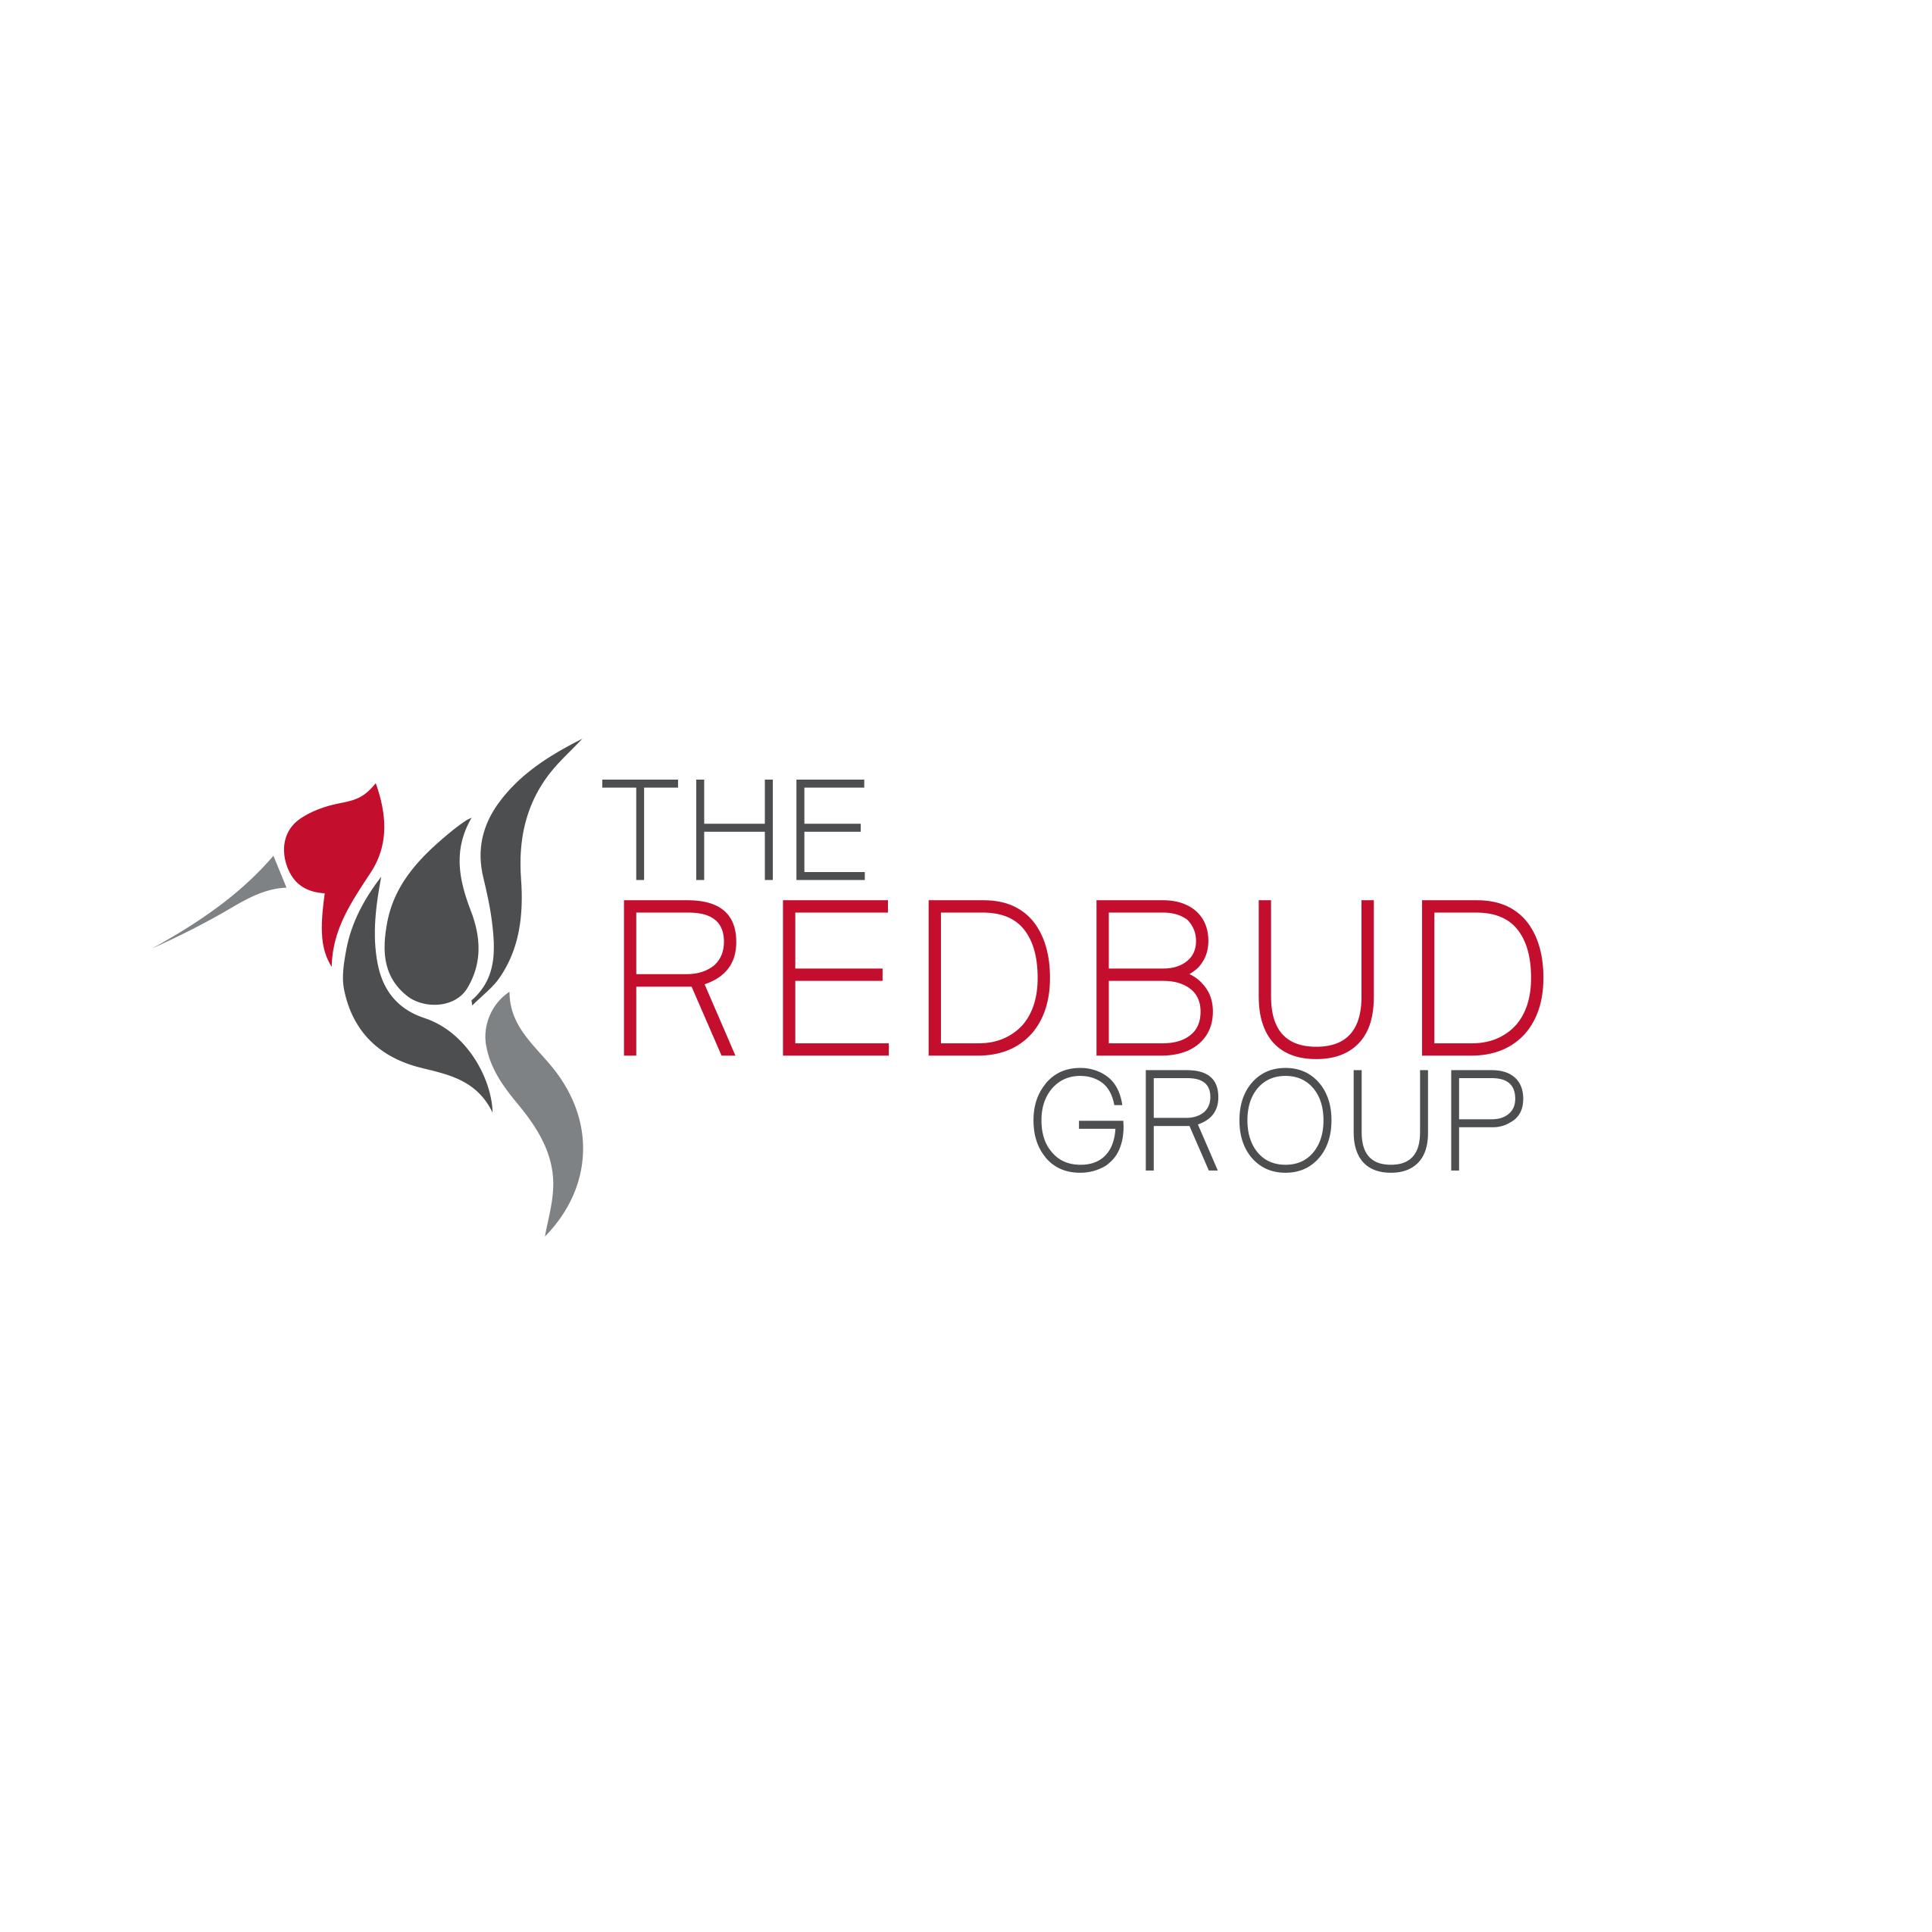 Redbud Group